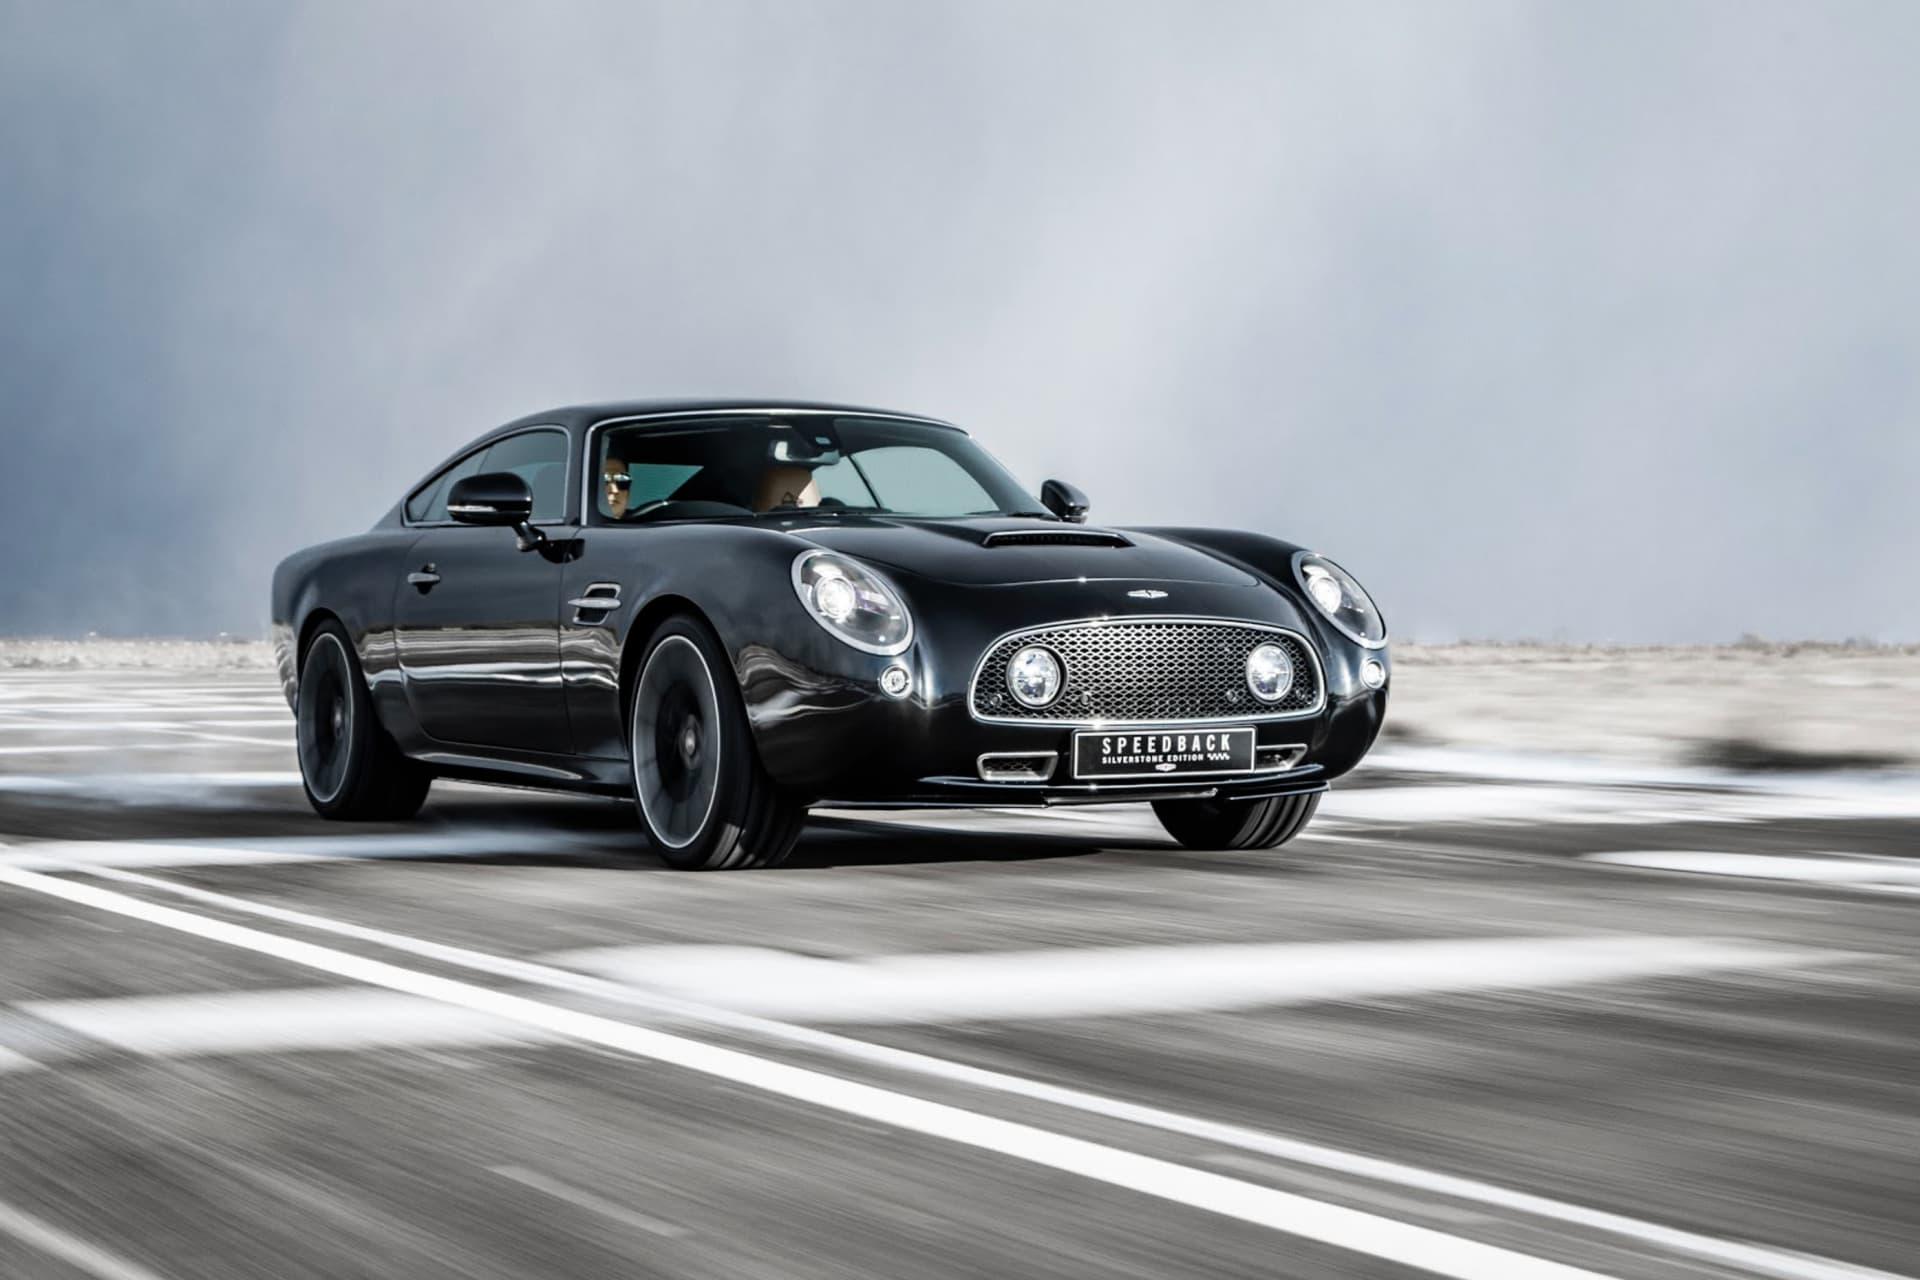 Om du har pengar i överflöd och gillar ny teknik fast med klassiska former är David Brown Automotive din grej. På mässan visade märket upp sin senaste modell Speedback GT i en specialversion med tillägget Silvertstone Edition.